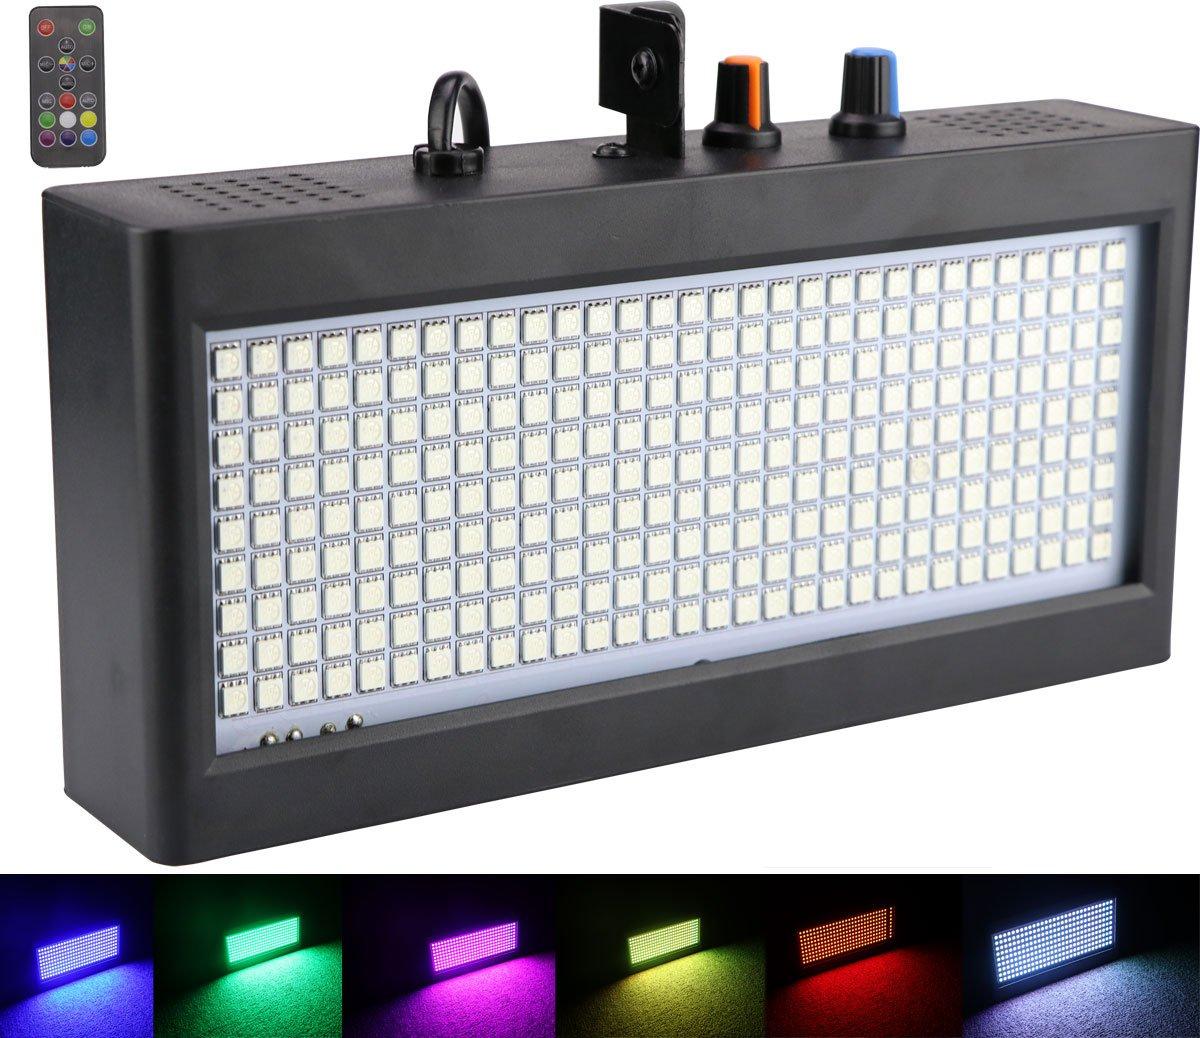 270 LED Strobe Lights Mini, Latta Alvor Stage Light for Parties DJ Lighting KTV Flashing 7 Colors Strobe Lights Romote control (color light) by Latta Alvor